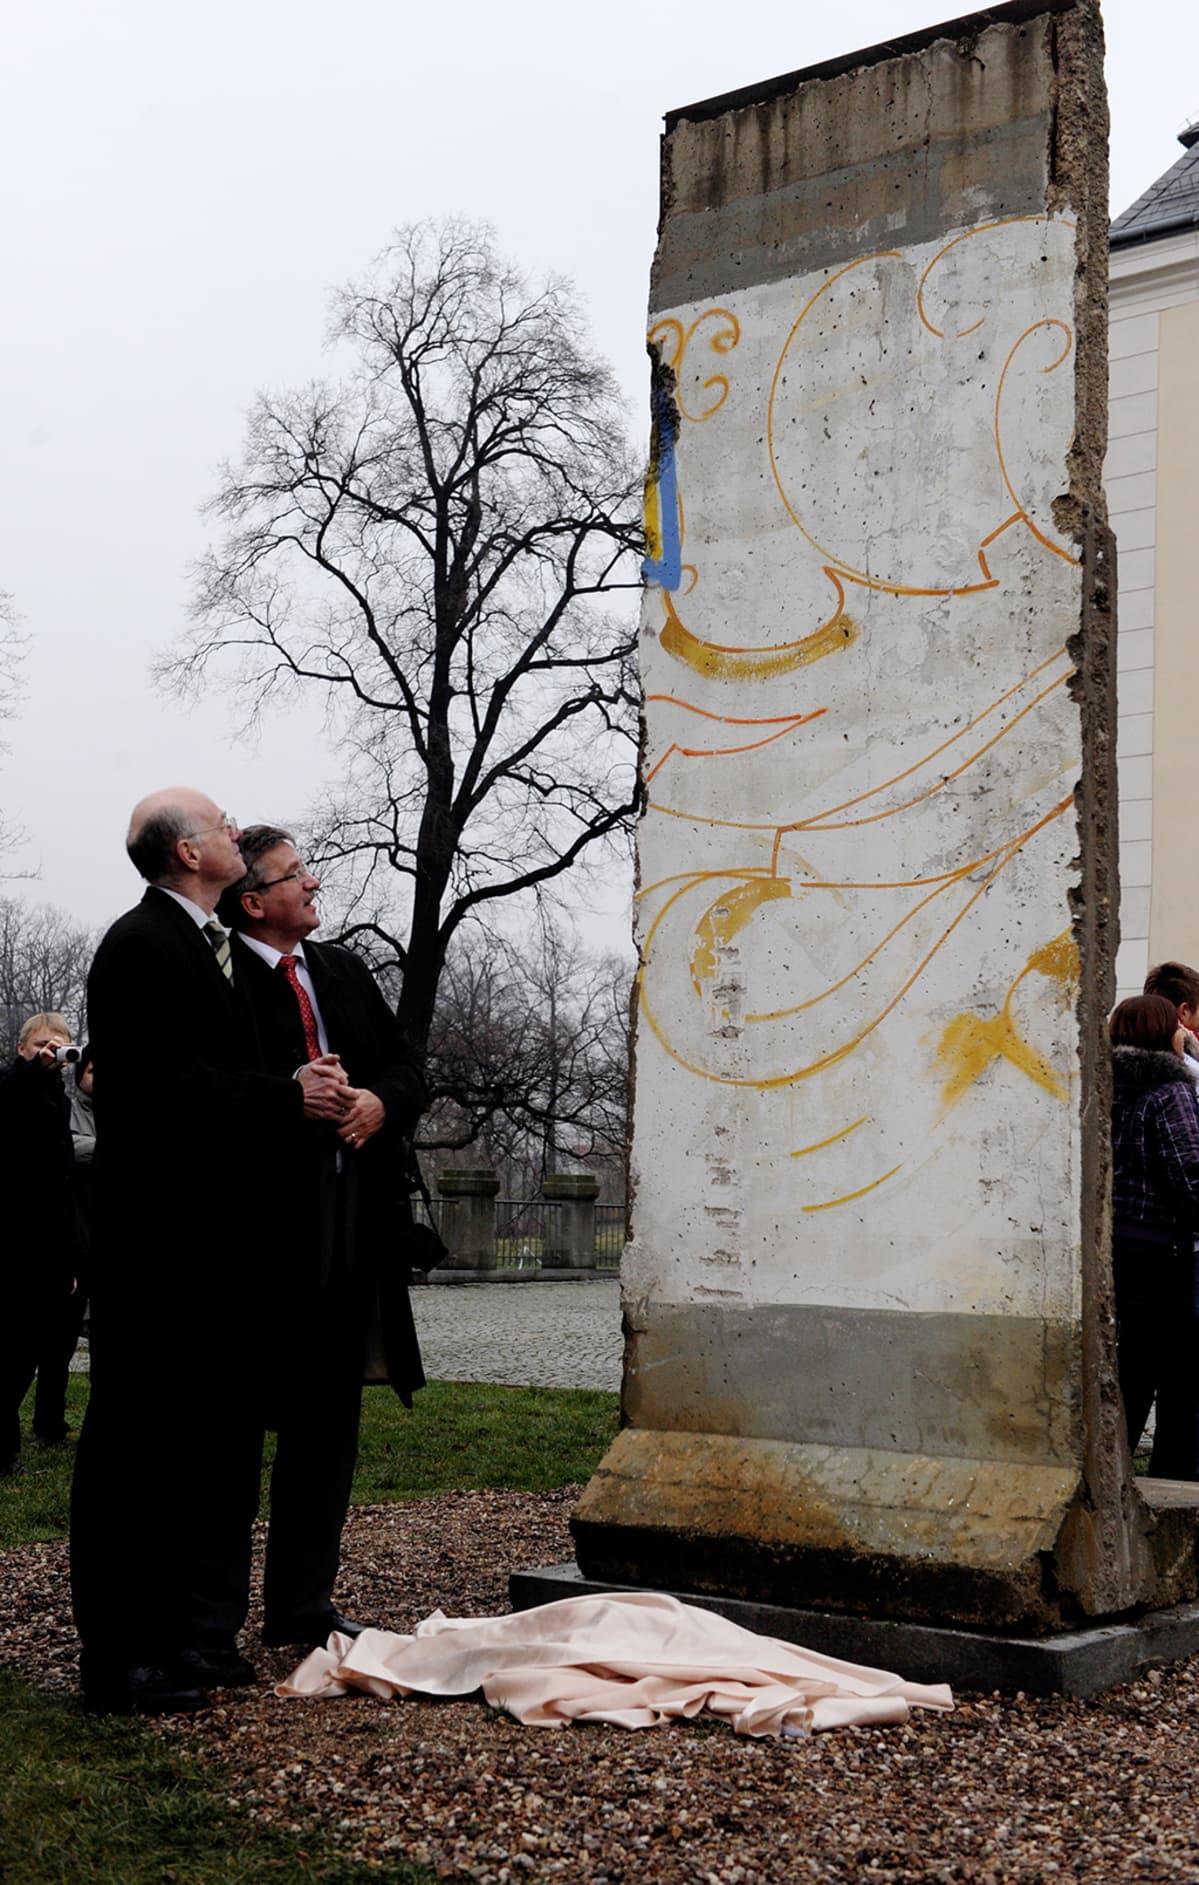 Yksi lohko berliinin muuria syksyisessä puistossa kahden miehen edessä.